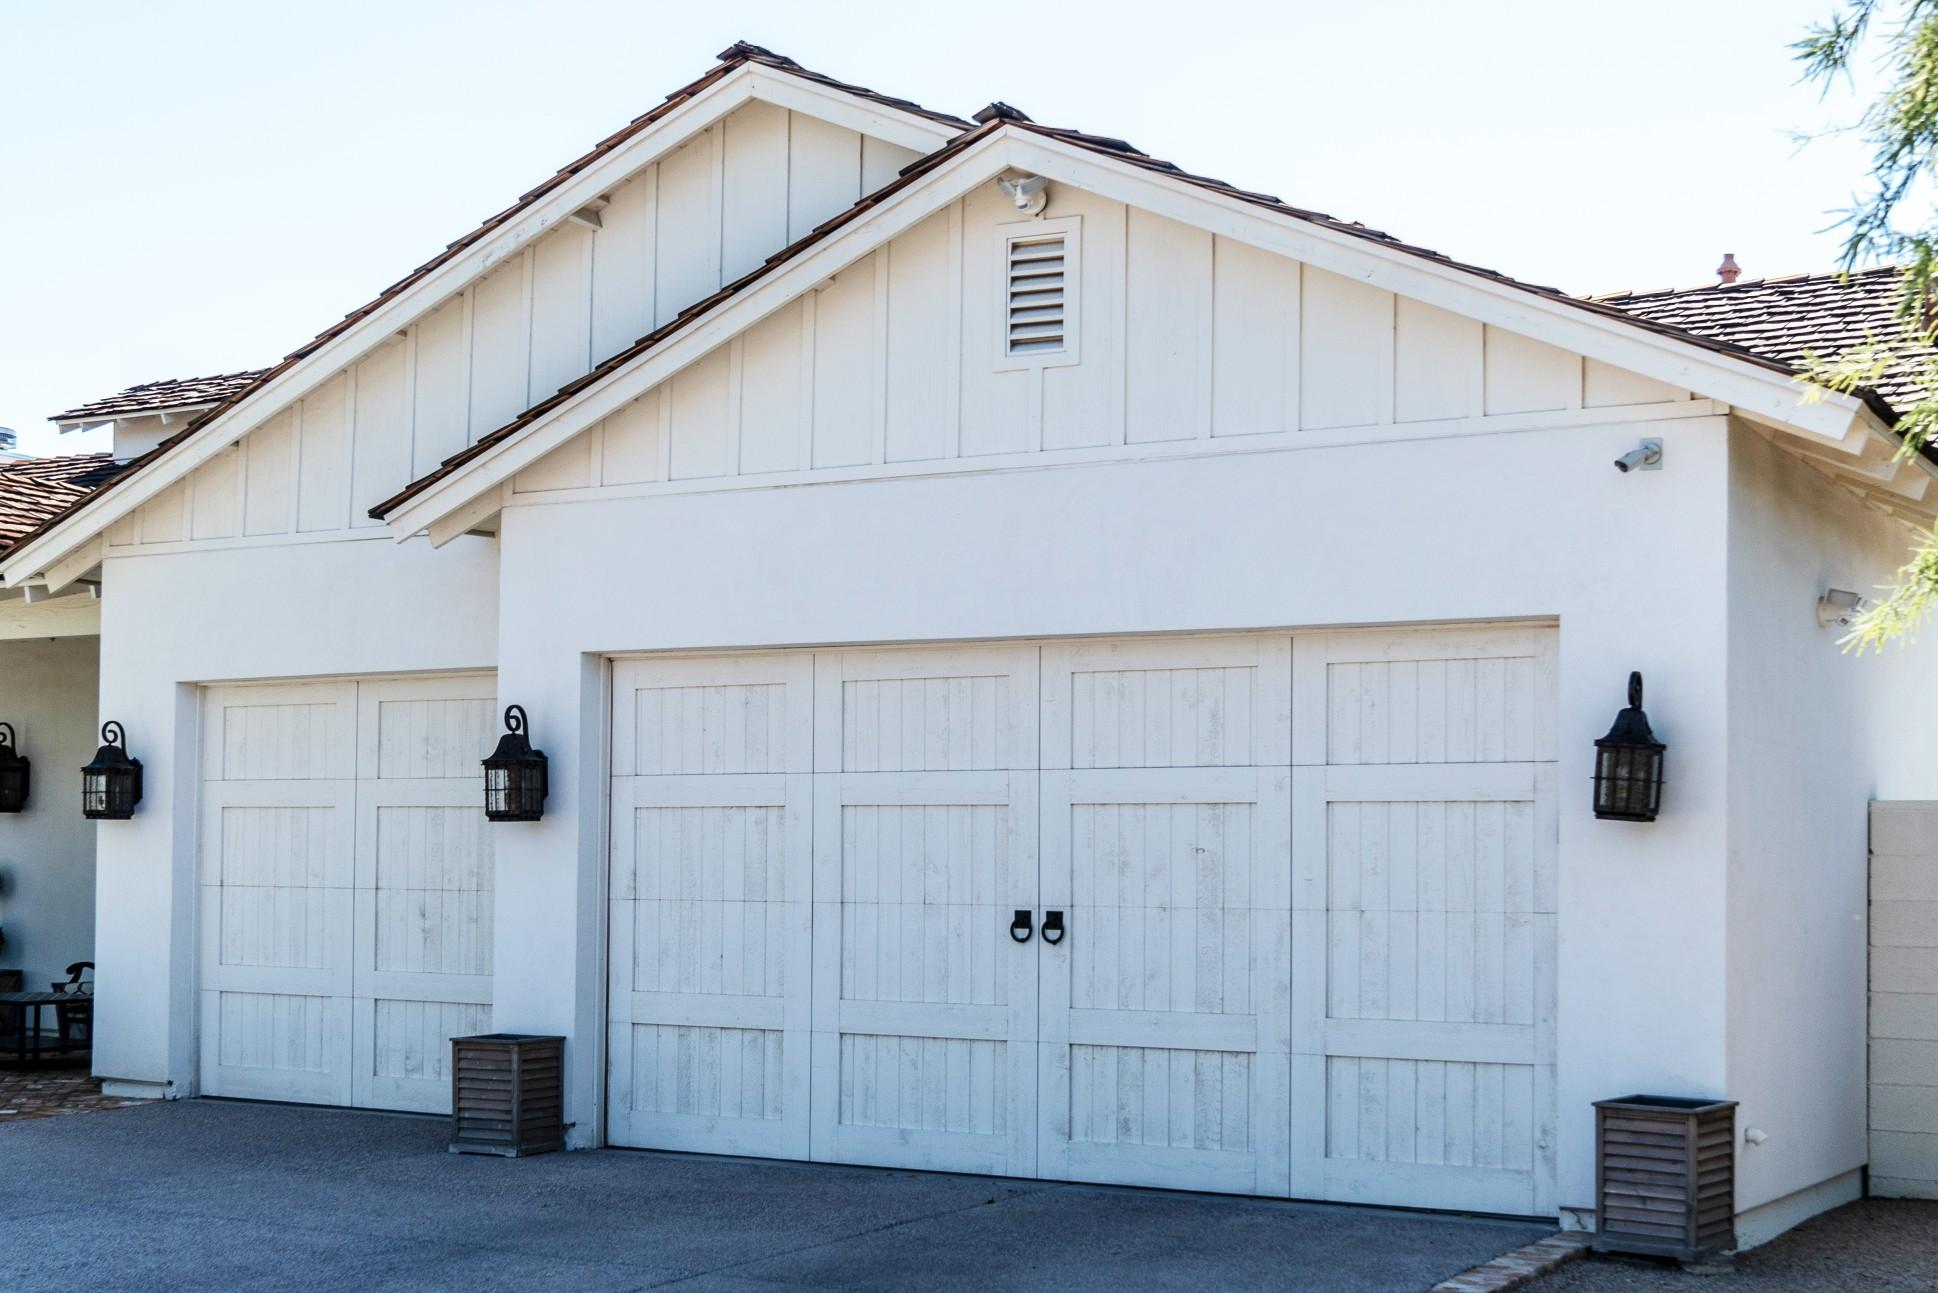 Rajouter un garage a côté de sa maison.